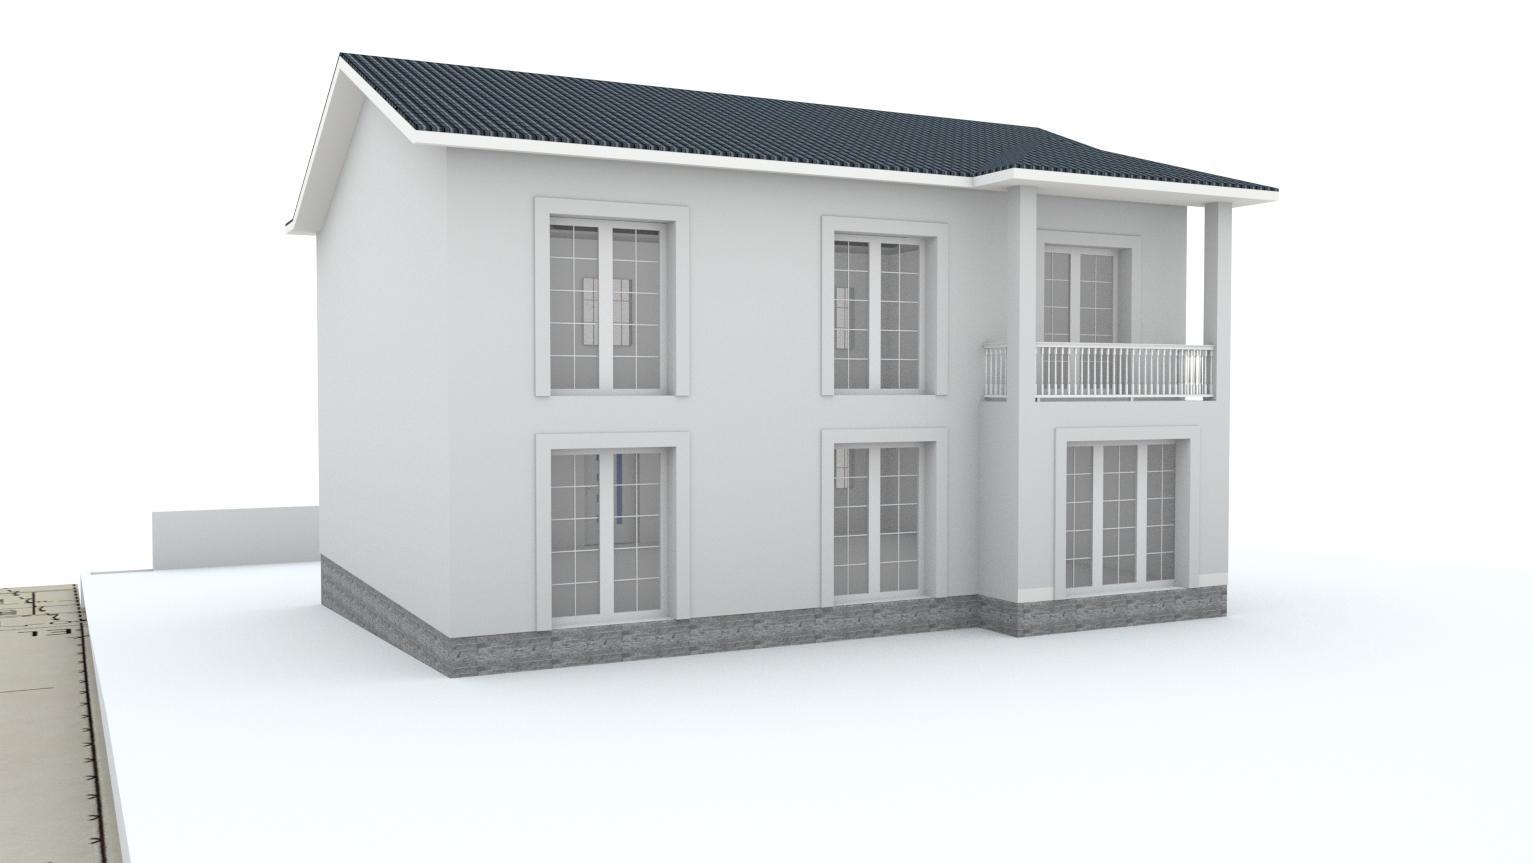 Návrh fasády rodinného domu Bratislava - Obrázok č. 18